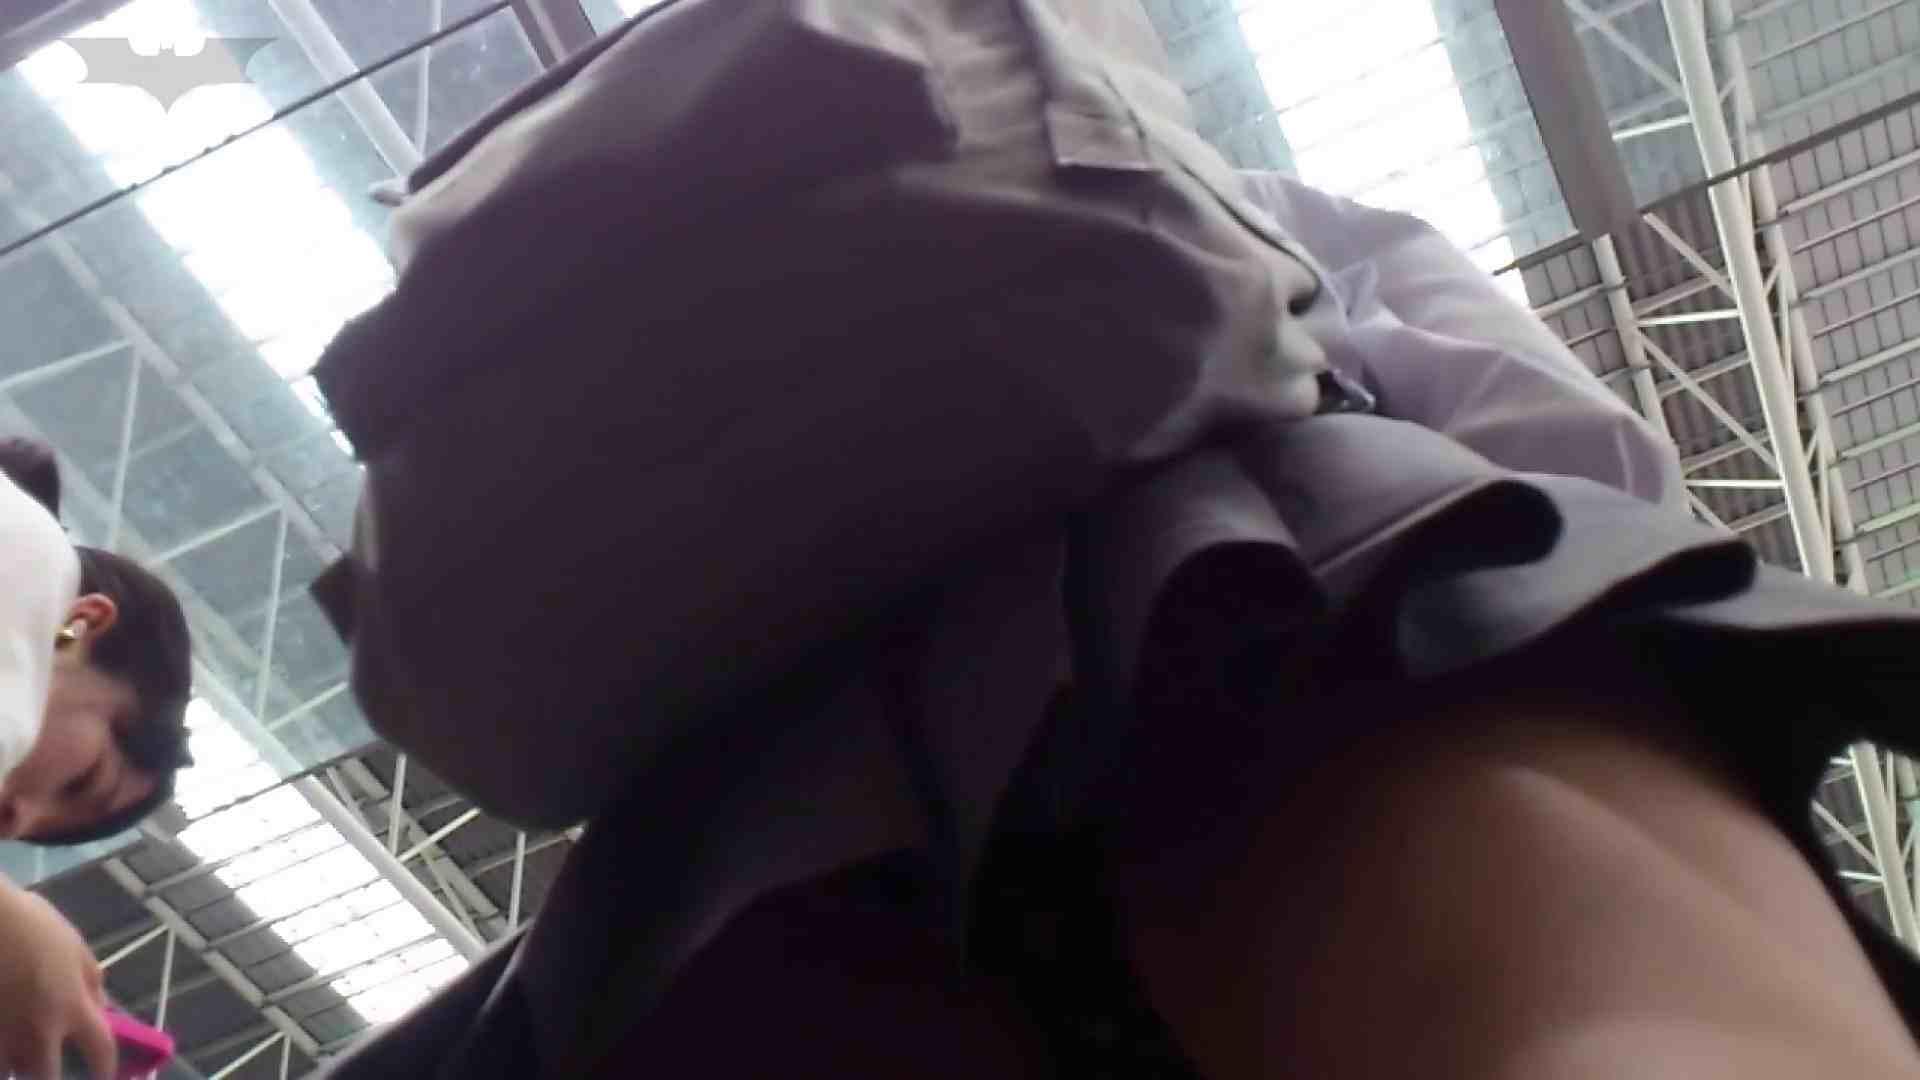 盗撮列車 vol.05 制月反のスカートの中が…見たいです。 期間限定 のぞきおめこ無修正画像 42pic 31